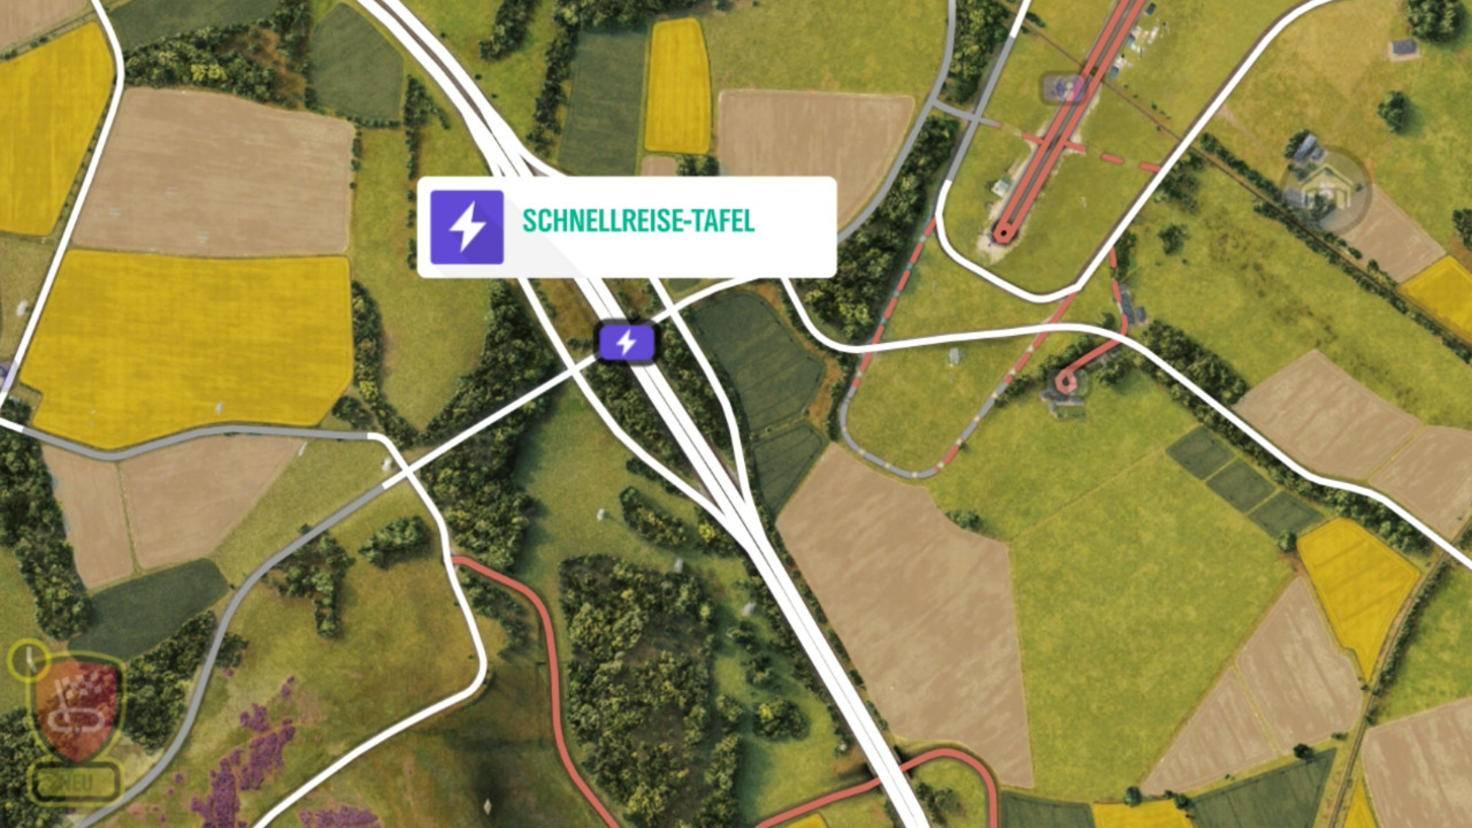 Schnellreise-Tafeln siehst Du auf der Karte.